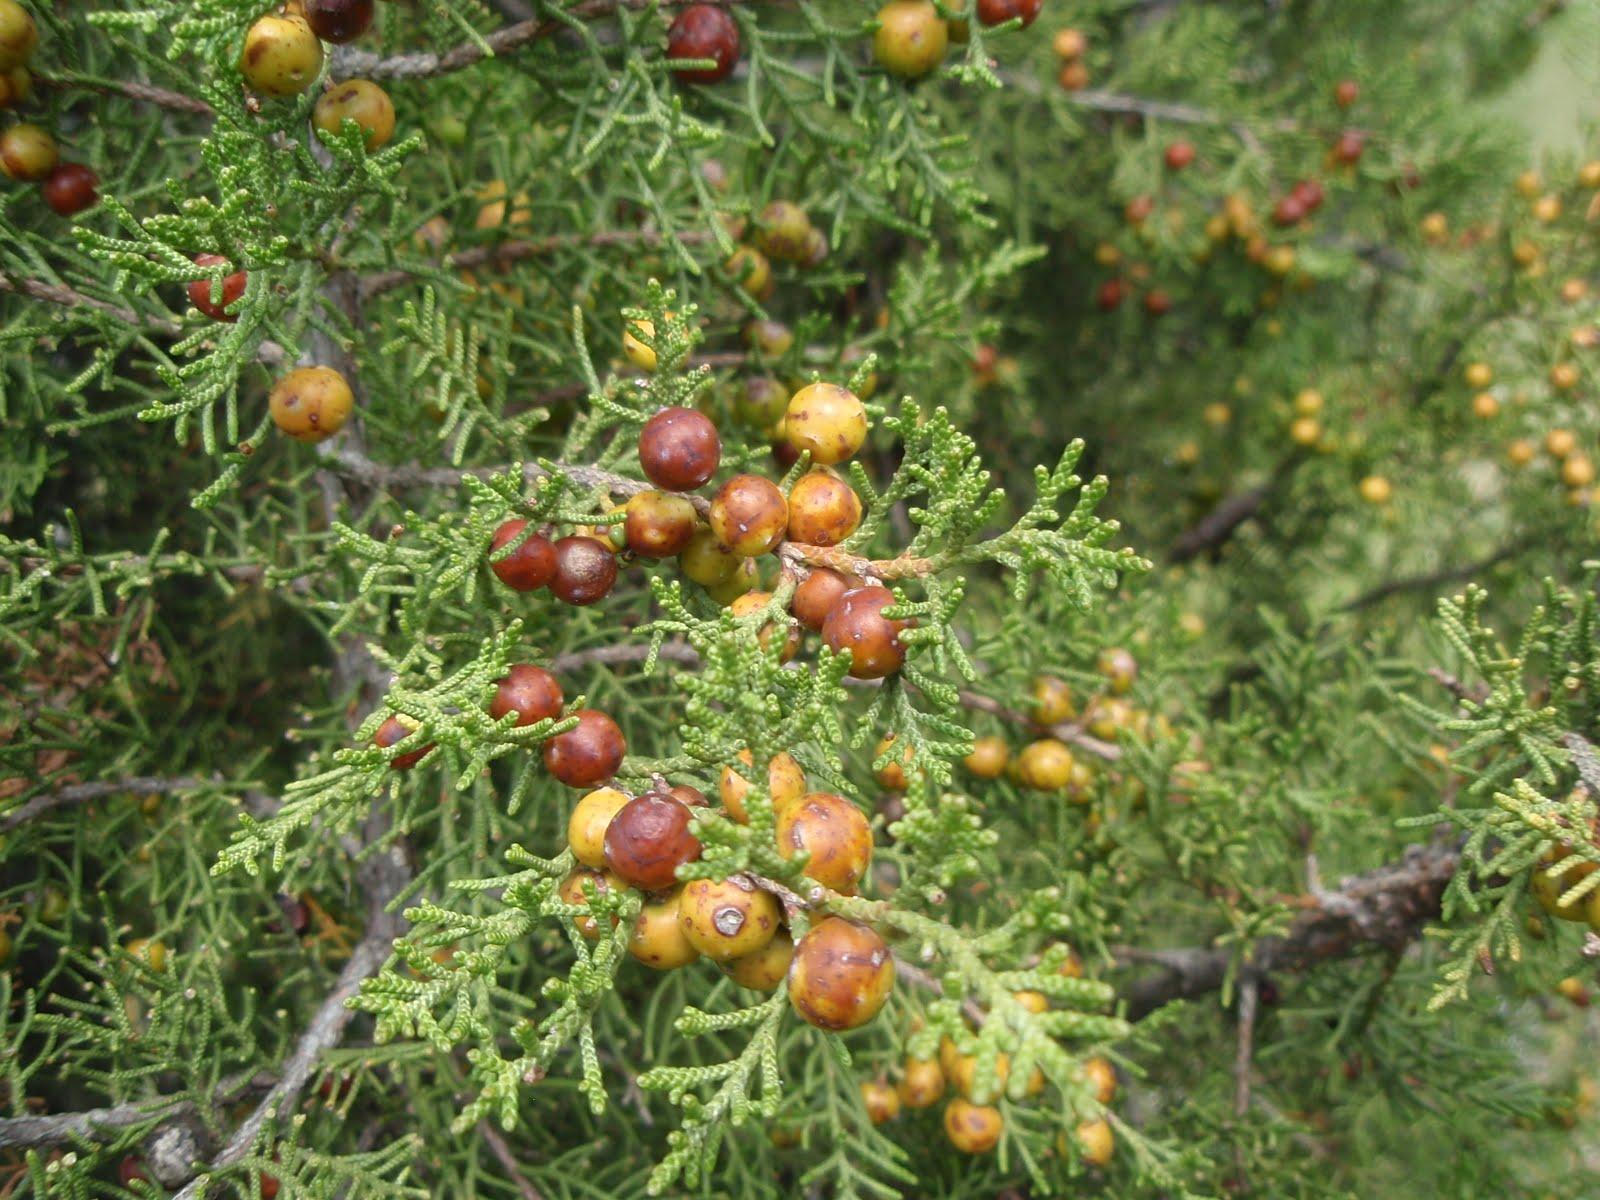 Repoblaci n aut ctona enebros y sabinas principal for Tipos de arboles y caracteristicas